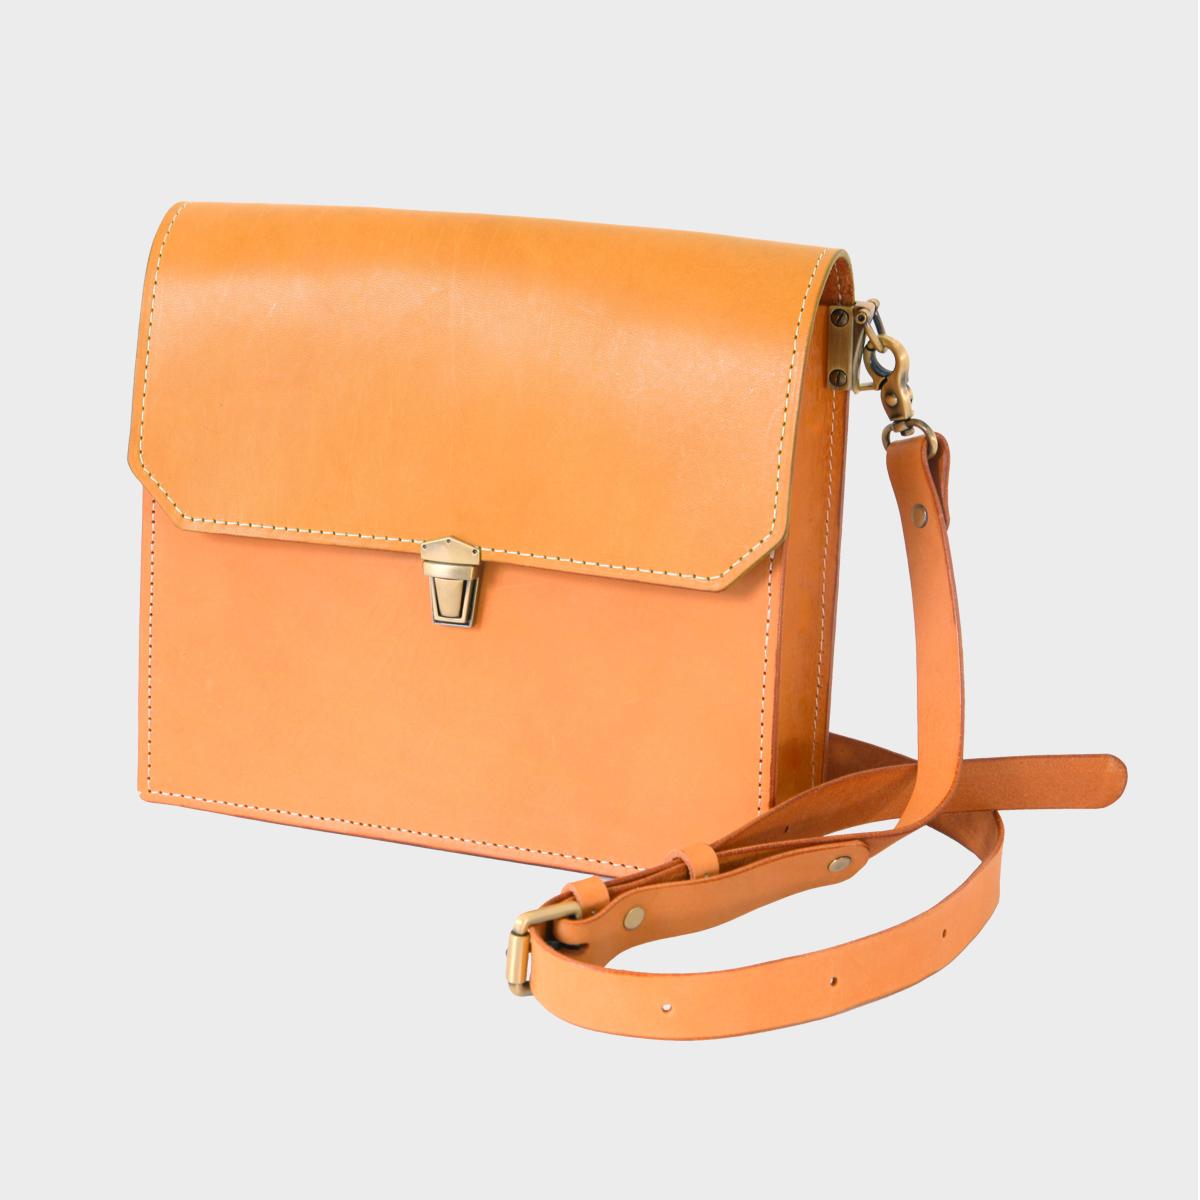 幾何方包Geometry Square Bag NT$ 4,580  HDA0010